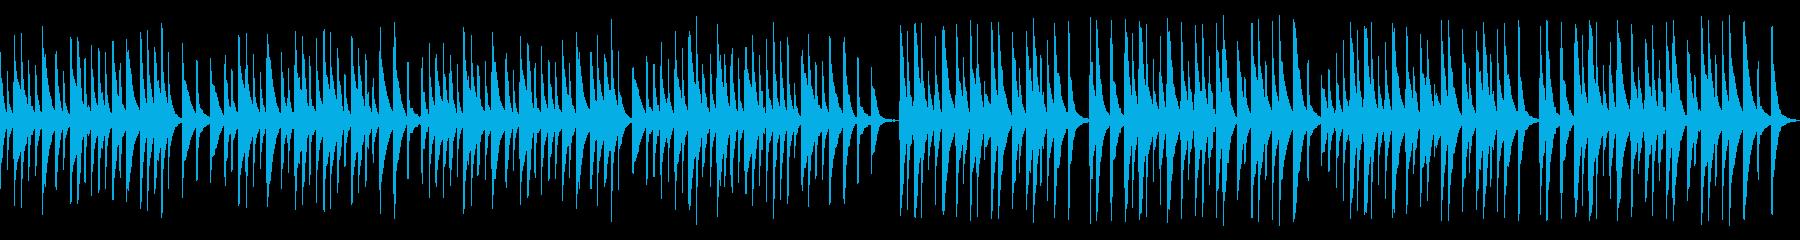 解説や料理番組に木琴レトロジャズ(ループの再生済みの波形